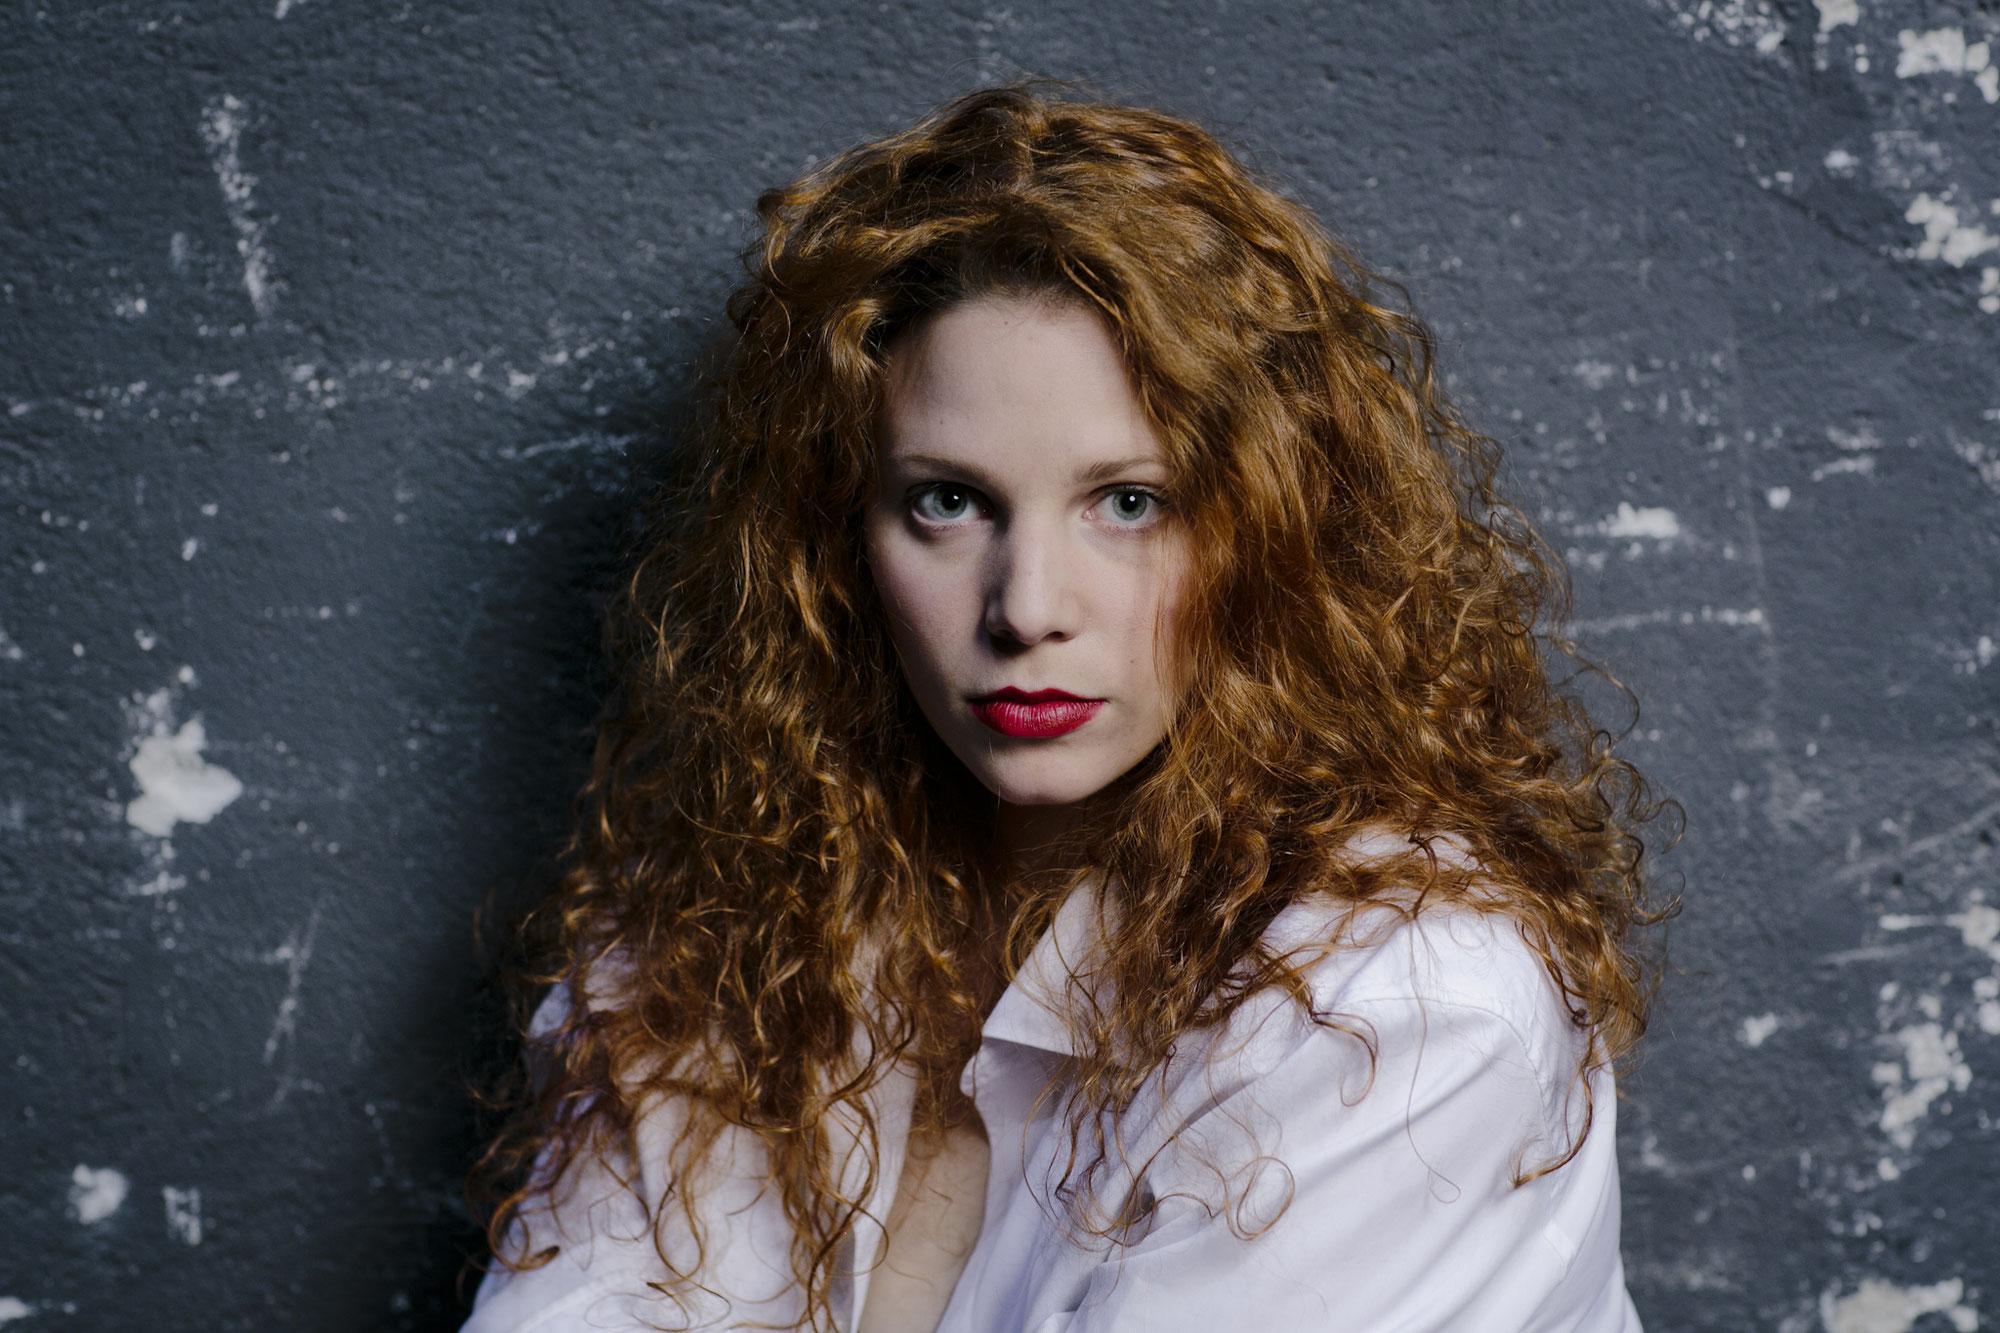 Veronika Hörmann